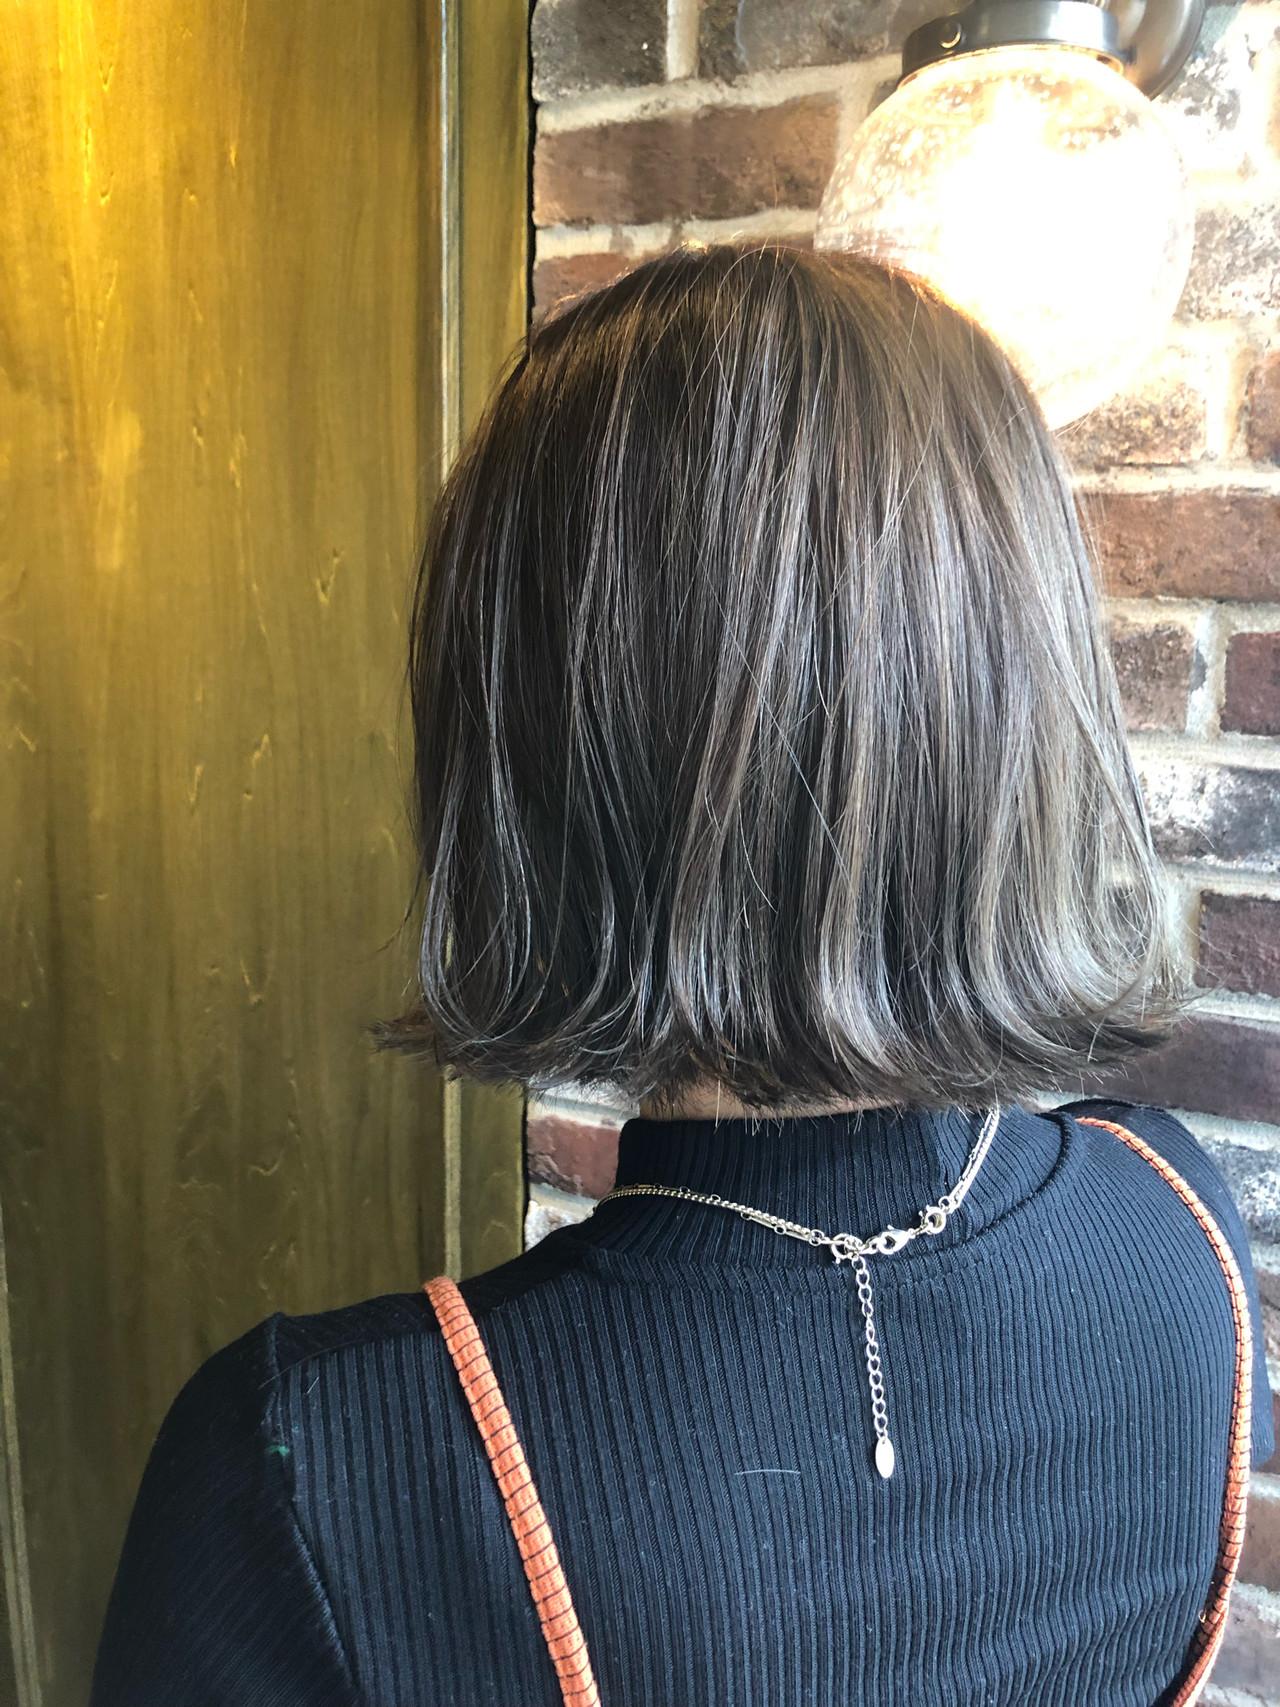 3Dハイライト アッシュグレー ボブ 切りっぱなしボブ ヘアスタイルや髪型の写真・画像 | 小山雄 / Aimee 町田